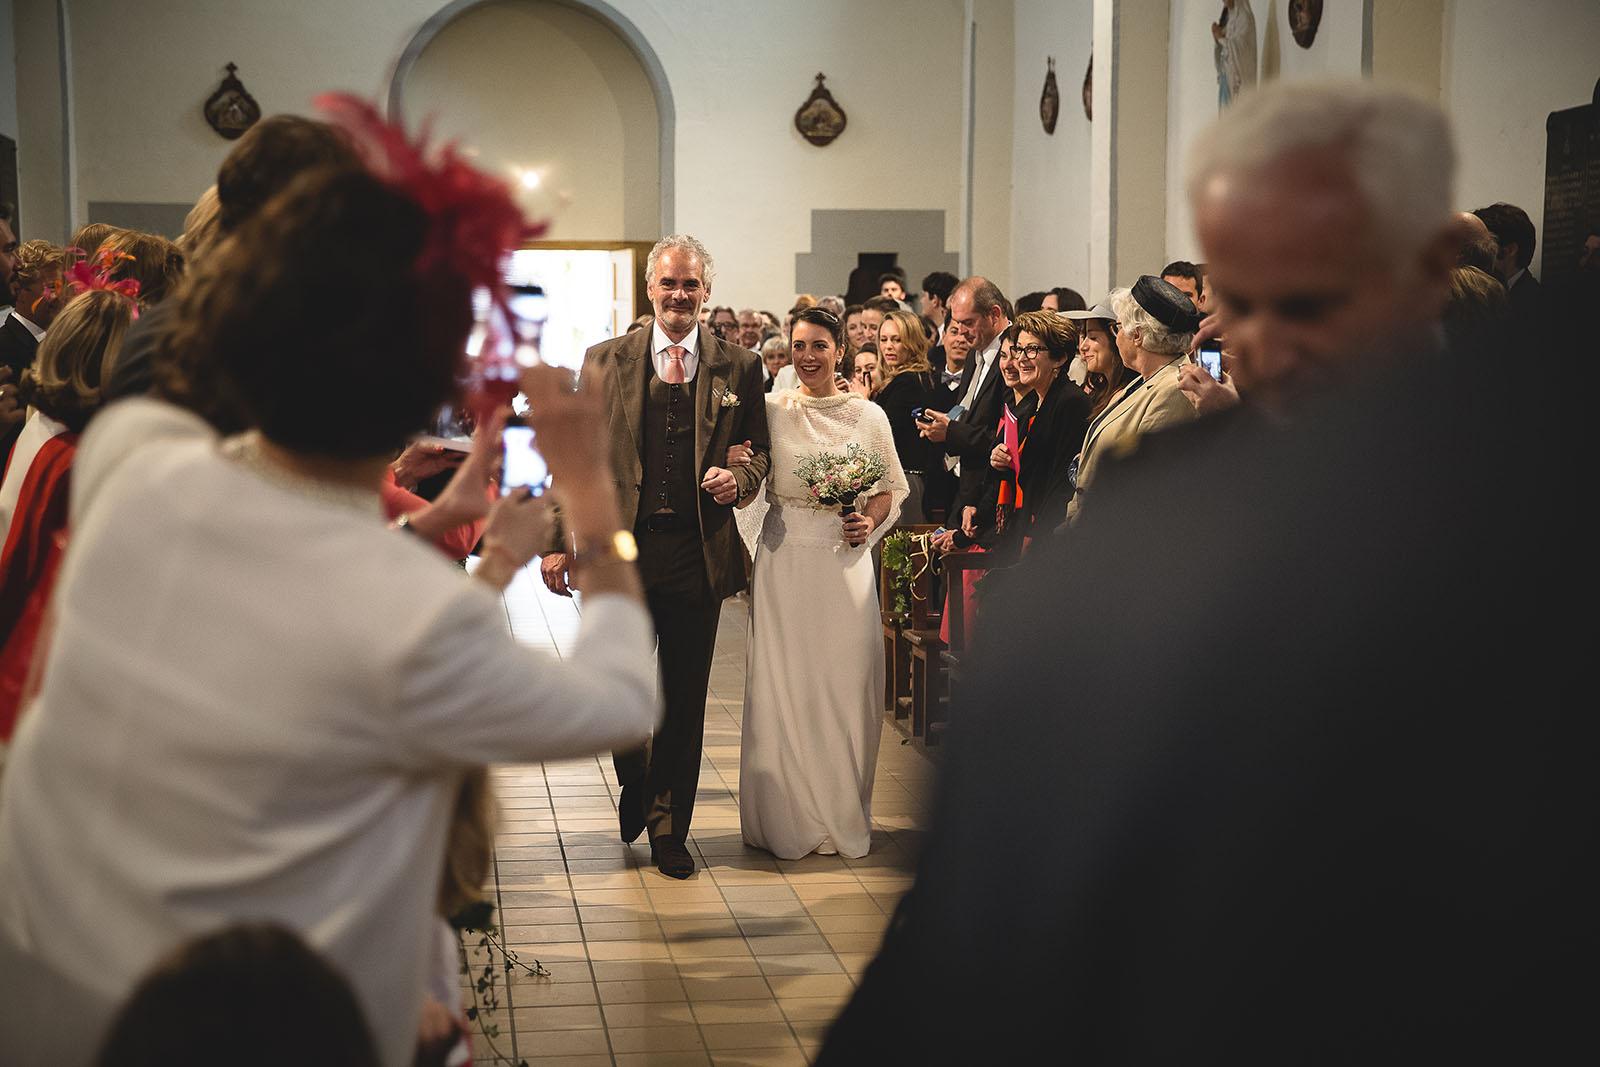 Mariage Château de Beauvoir. L'entrée de la mariée dans l'église au bras de son père. David Pommier photographe de mariage